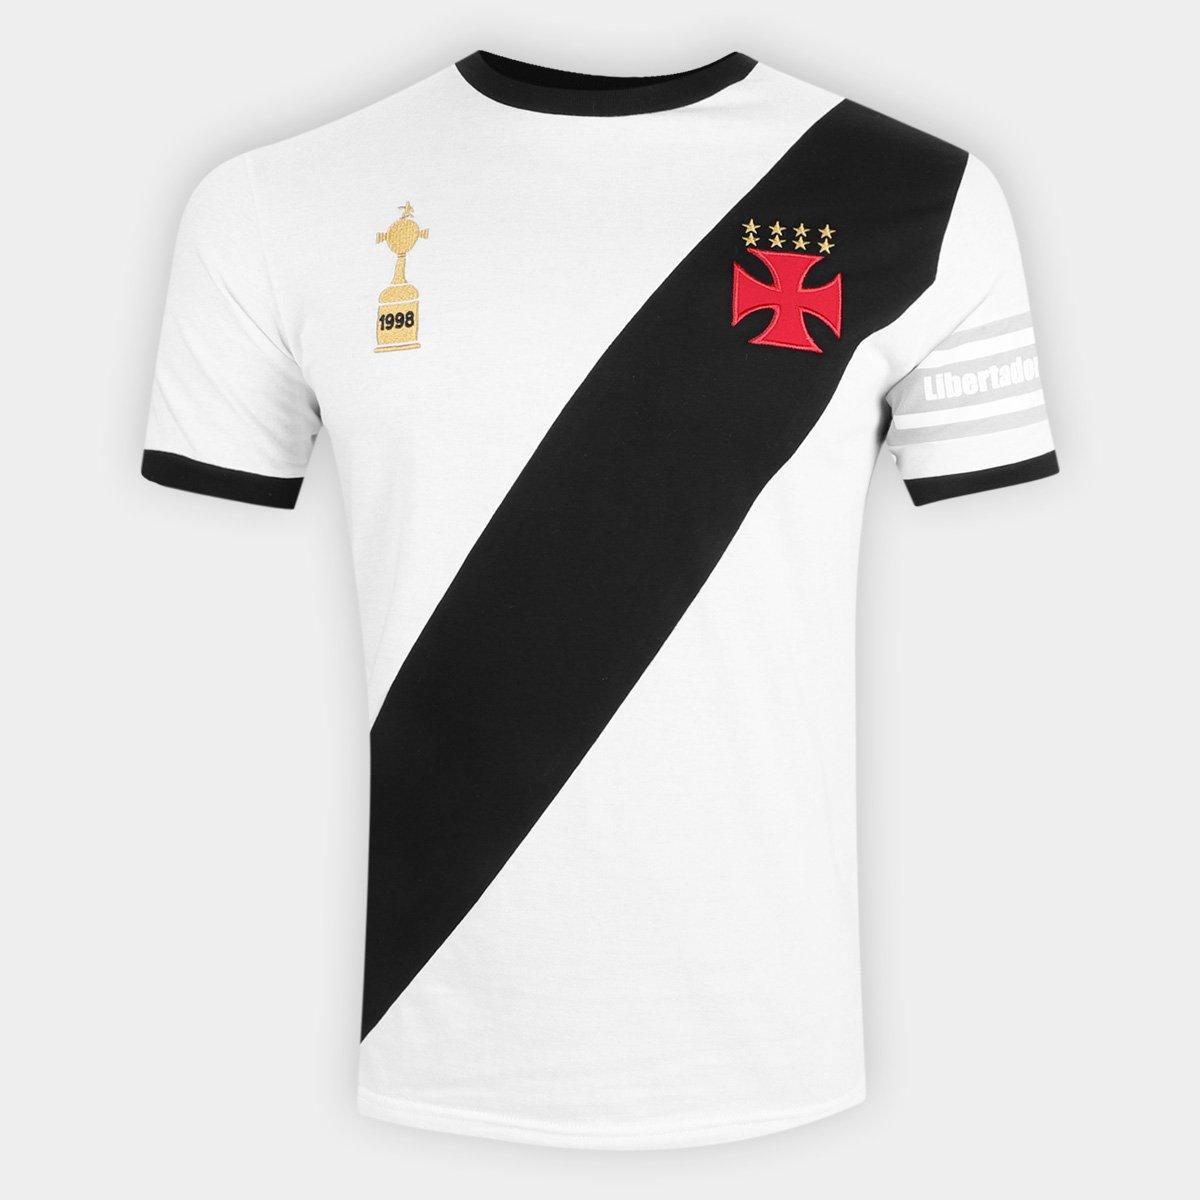 57d461b63f Camiseta Vasco Capitães Libertadores 1998 n° 4 Masculina